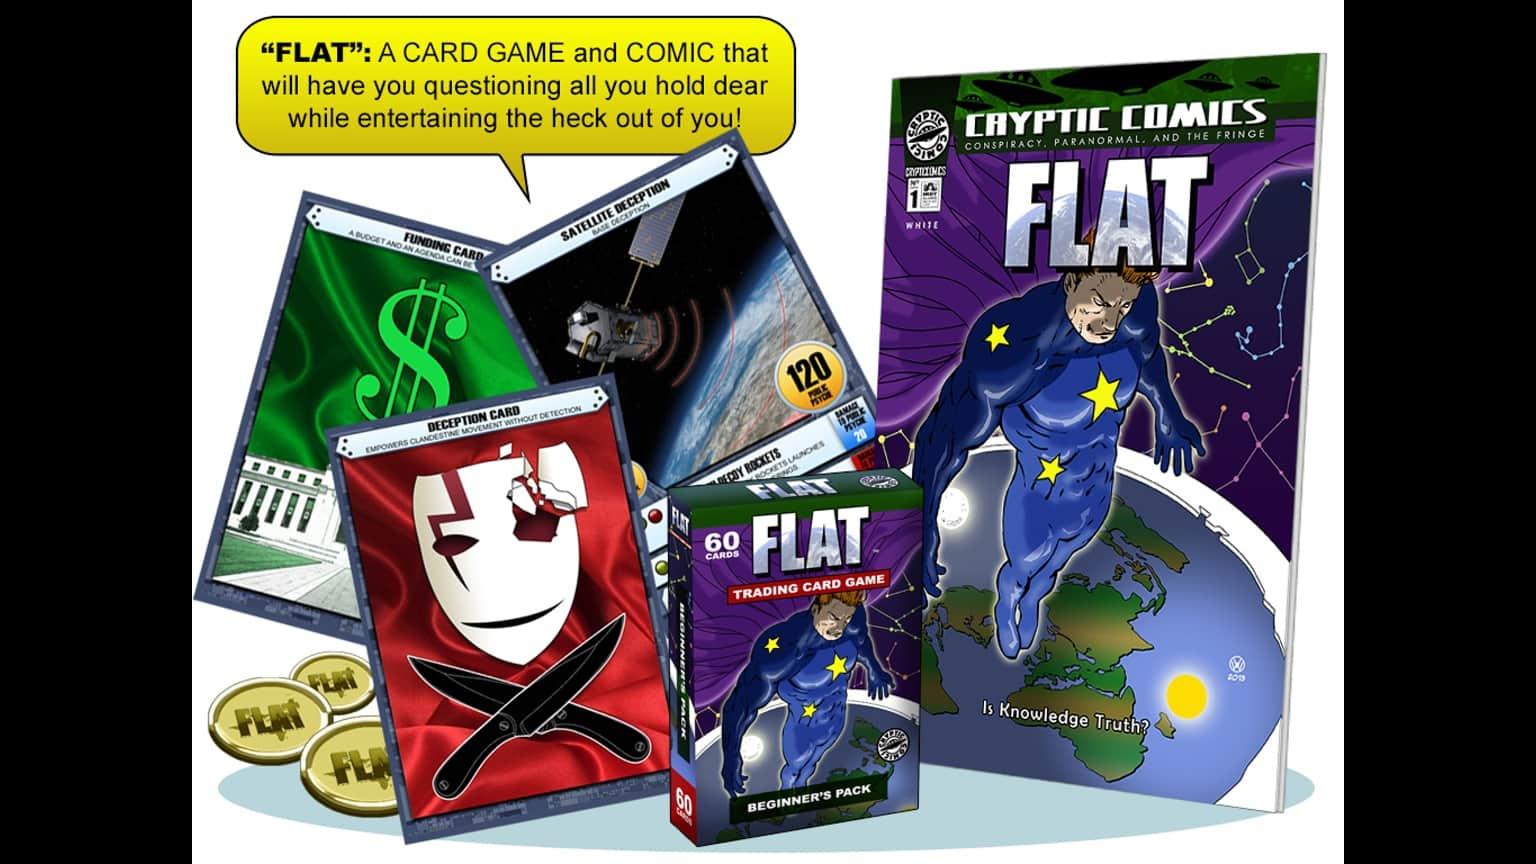 flache erde comic kartenspiel